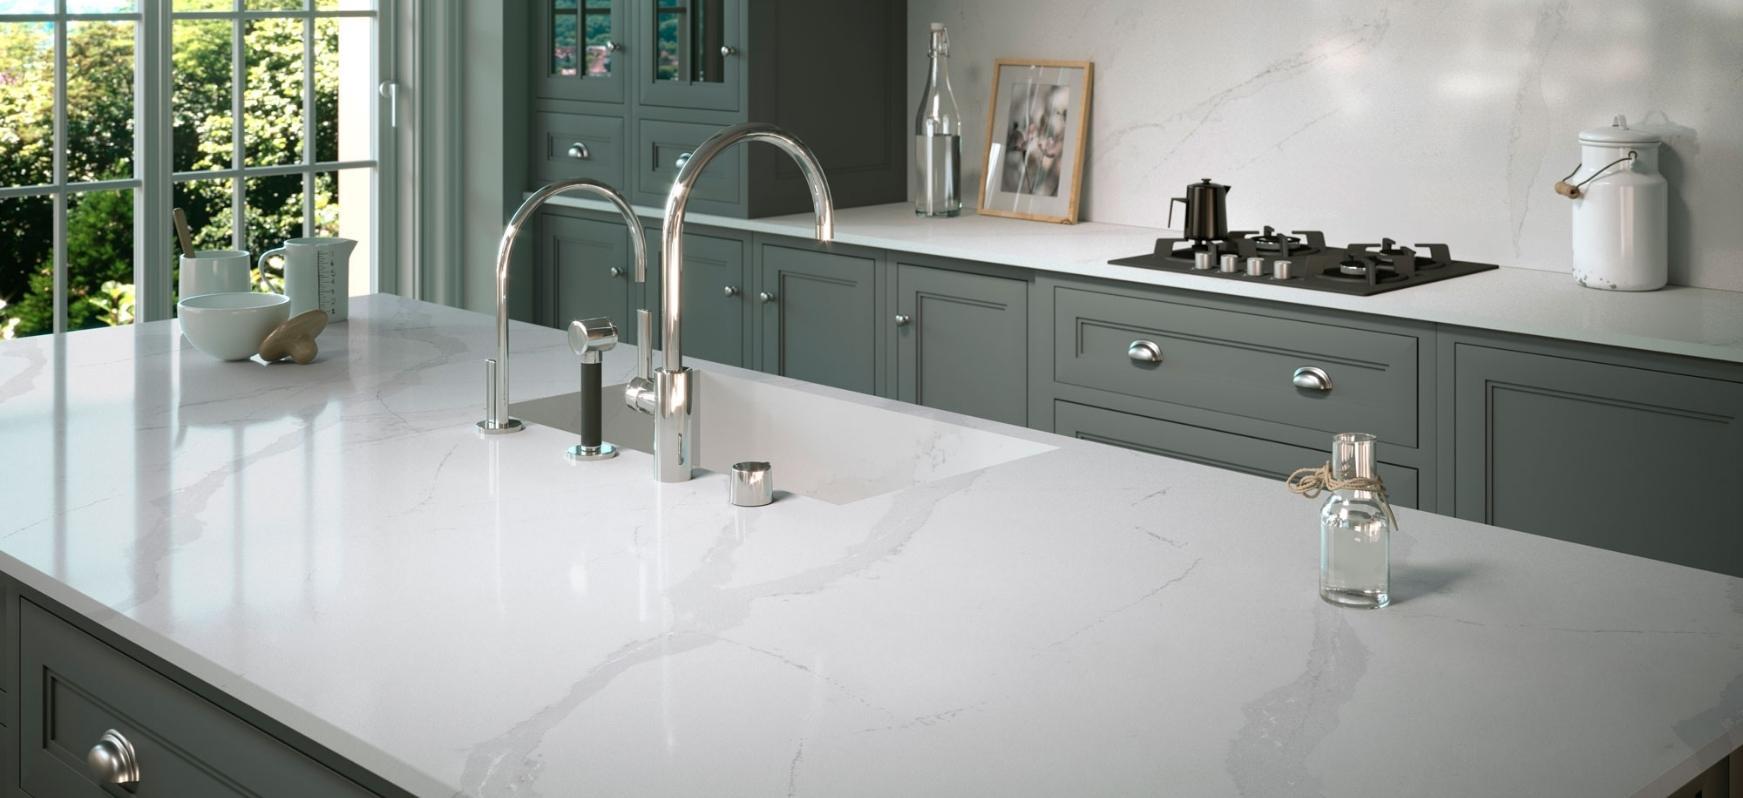 White Quartz Countertops White Marble Countertops White Natural Stone Countertops